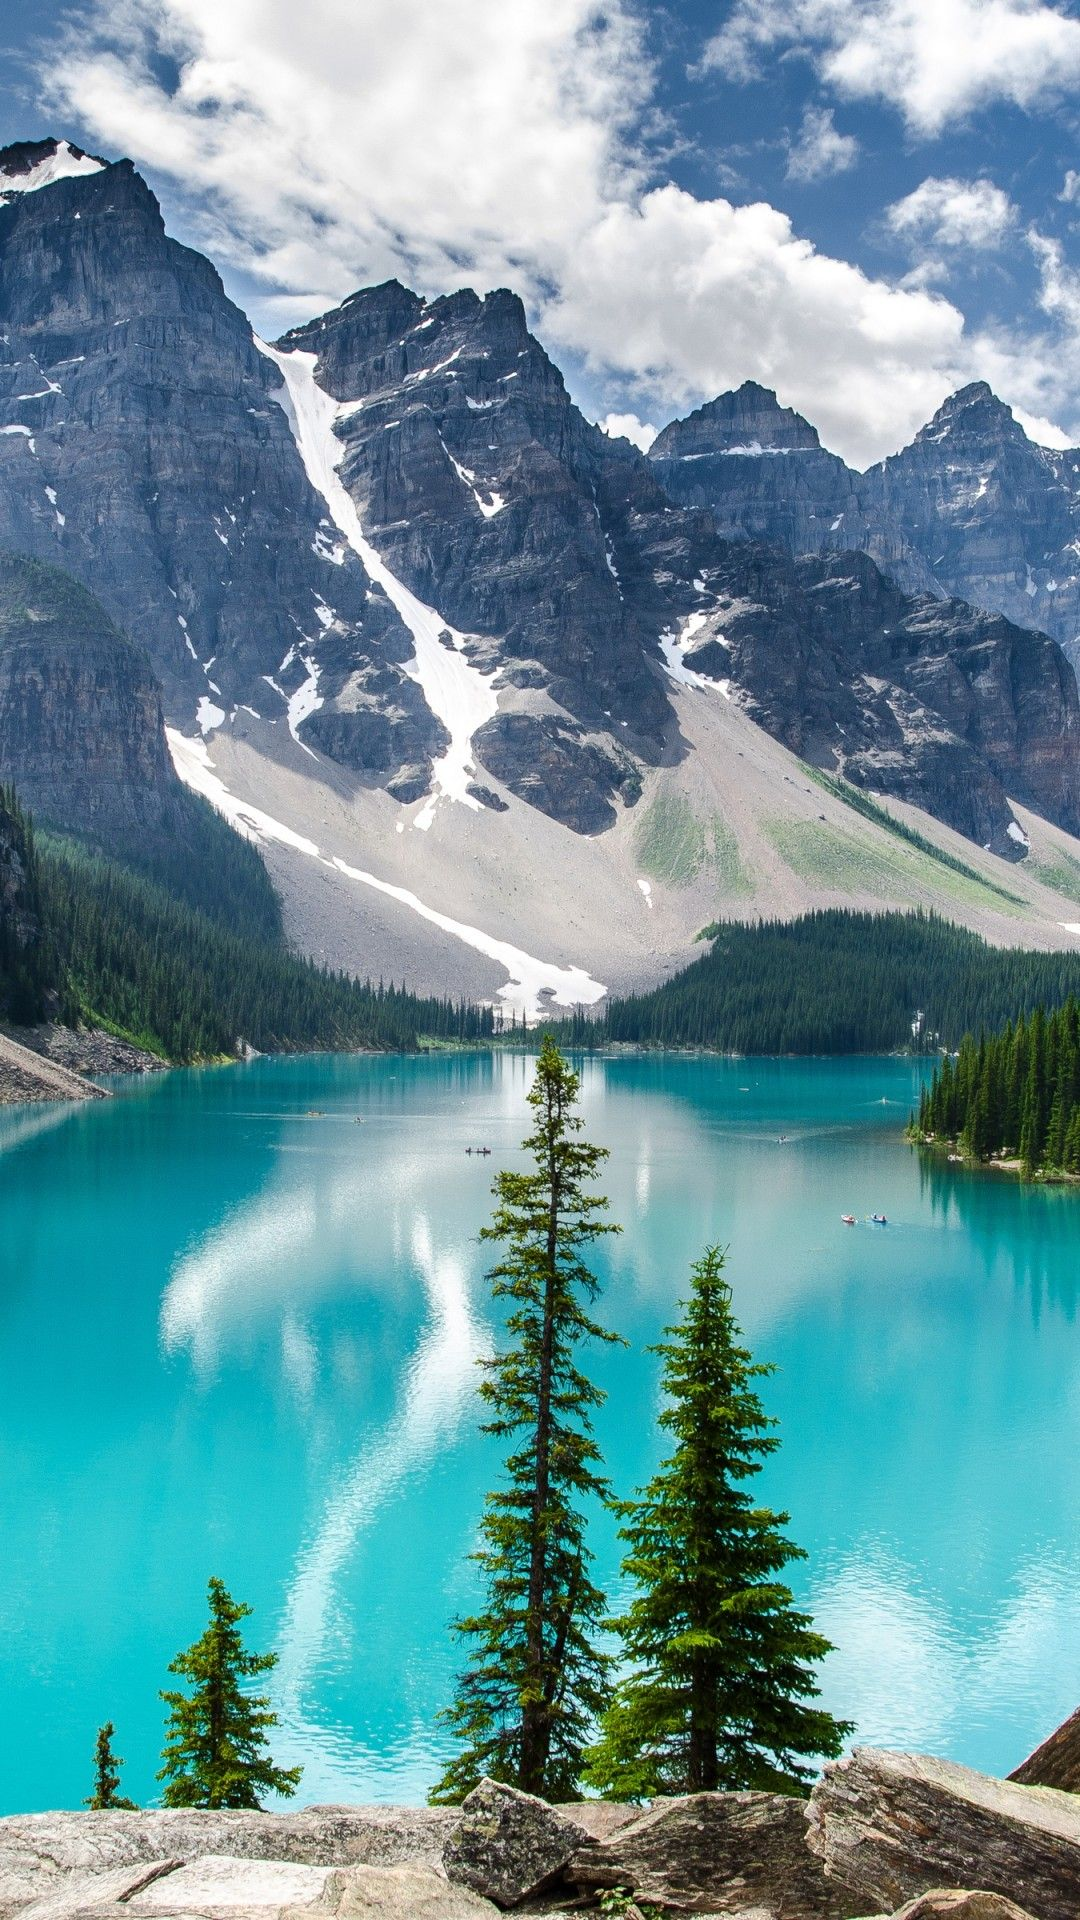 Mountain Vertical Photo